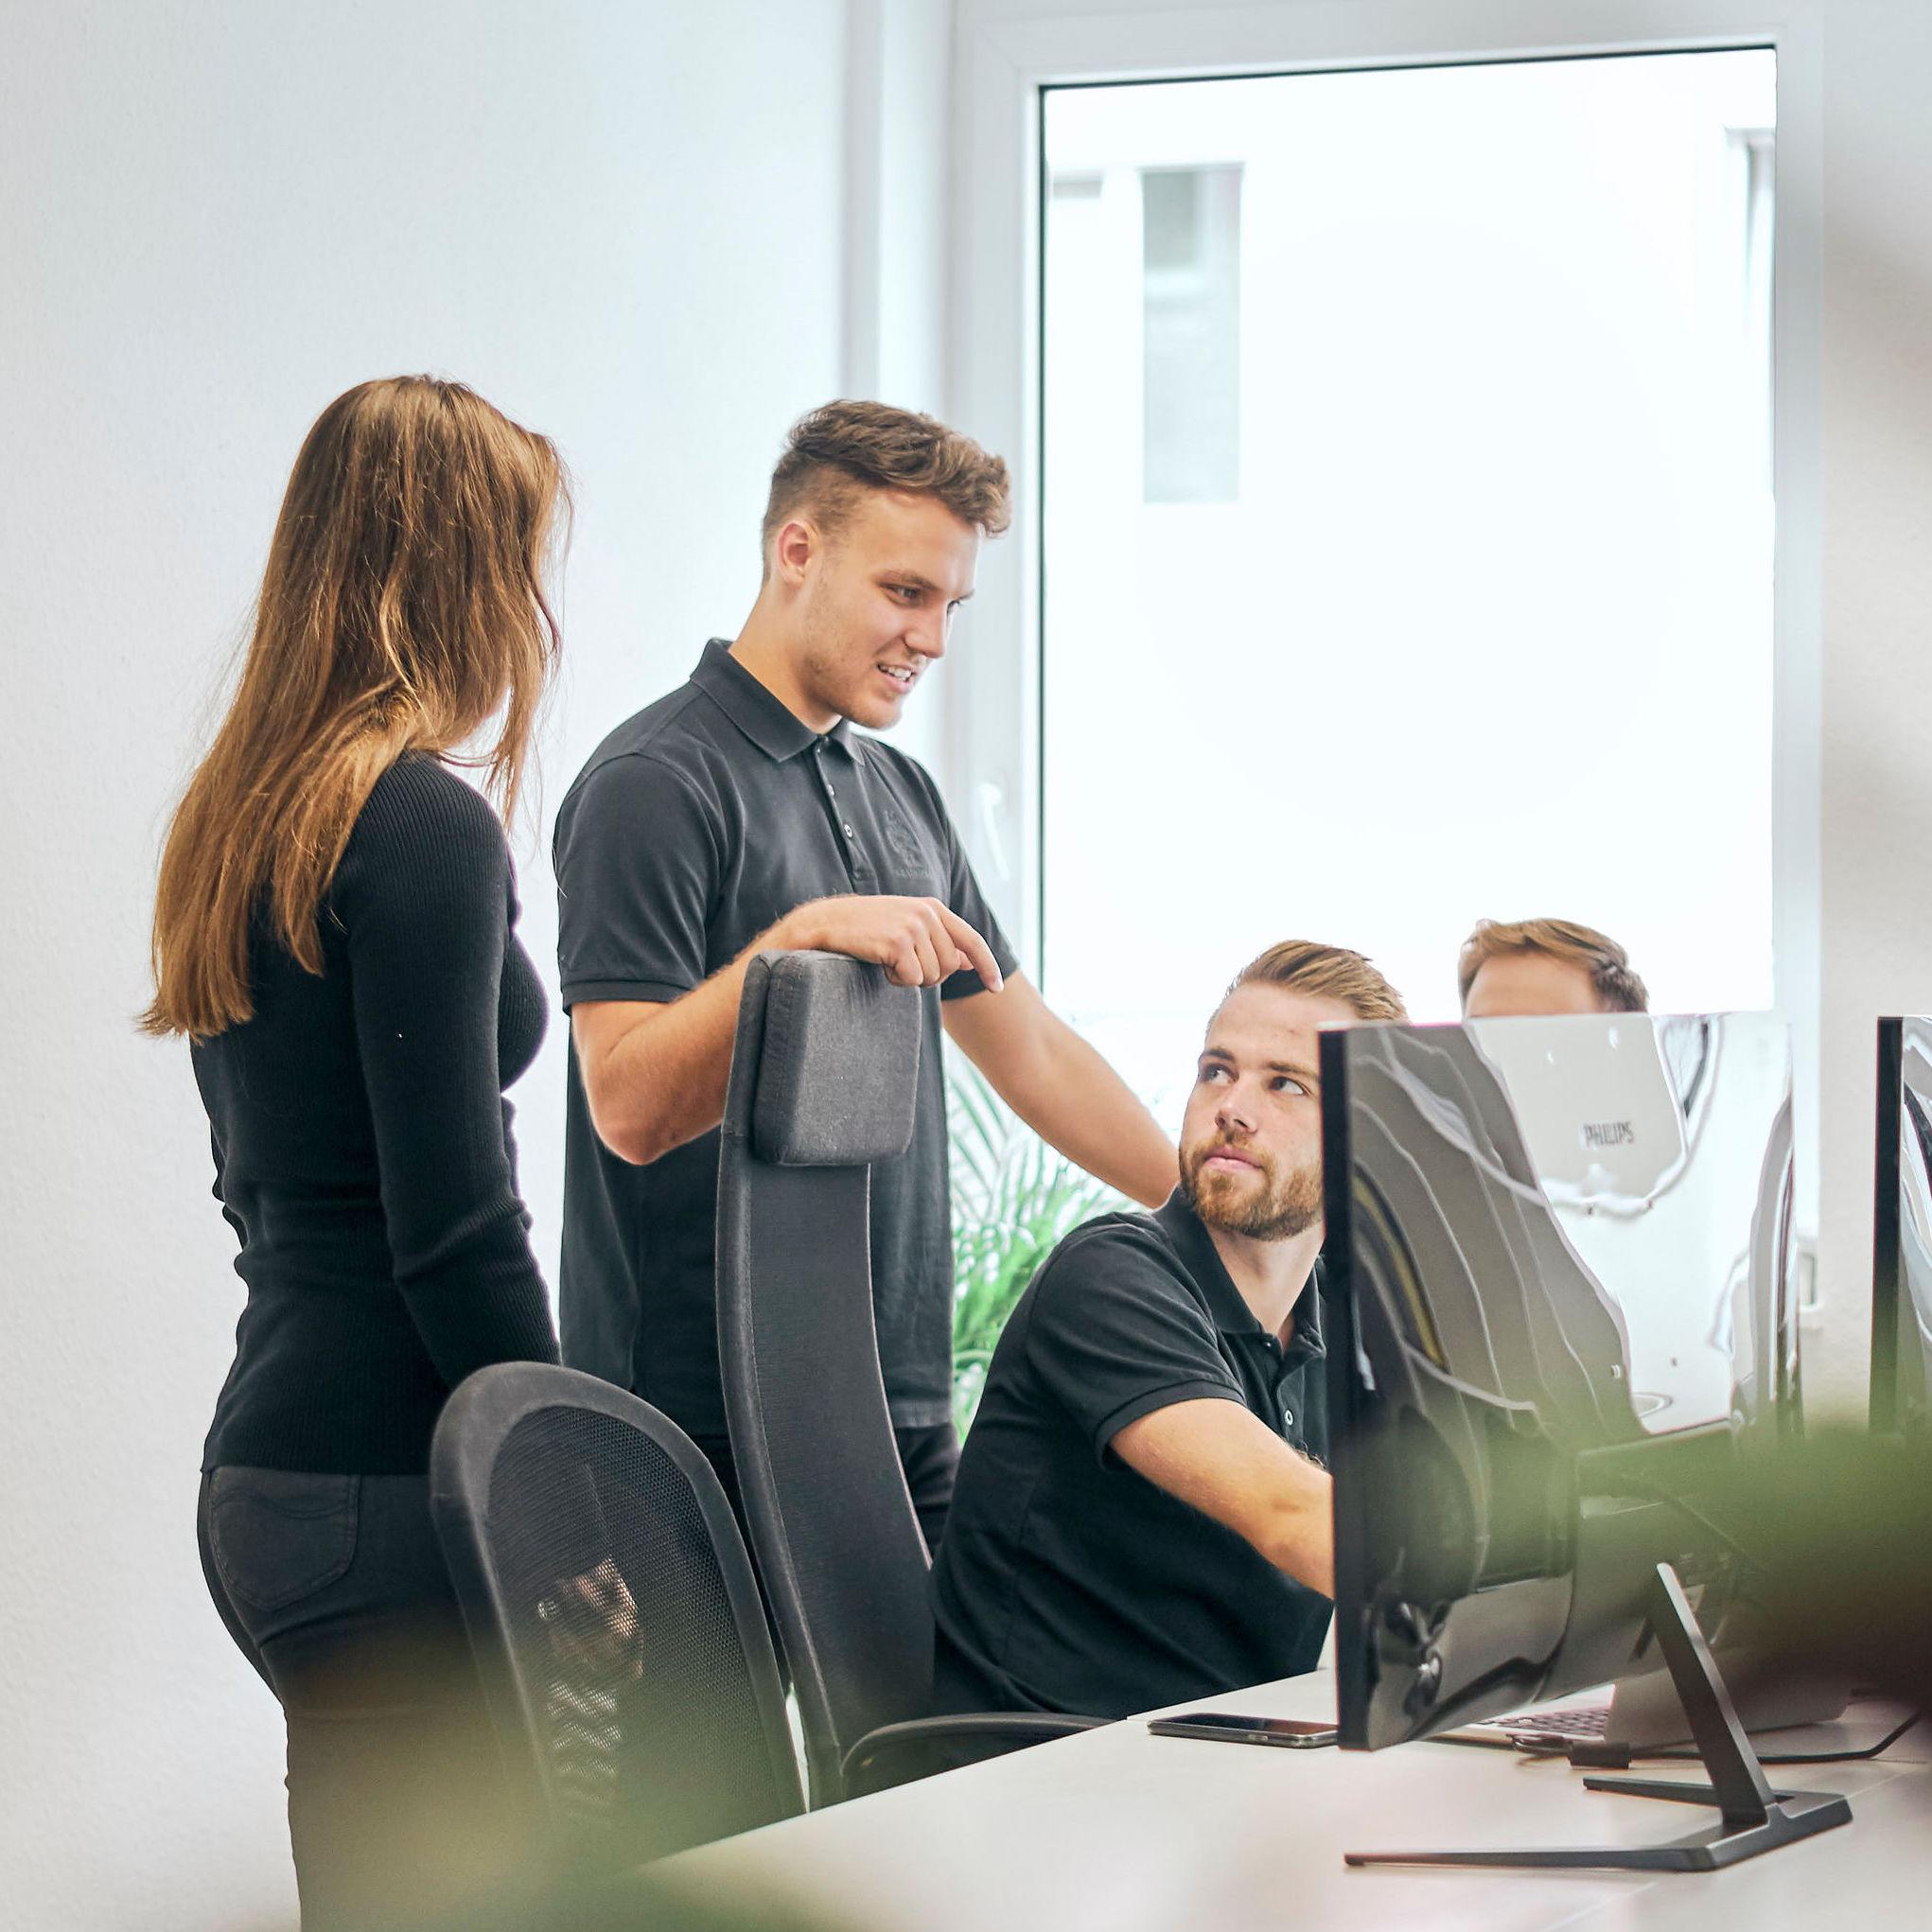 4 Mitarbeiter von BOTfriends besprechen ein Projekt